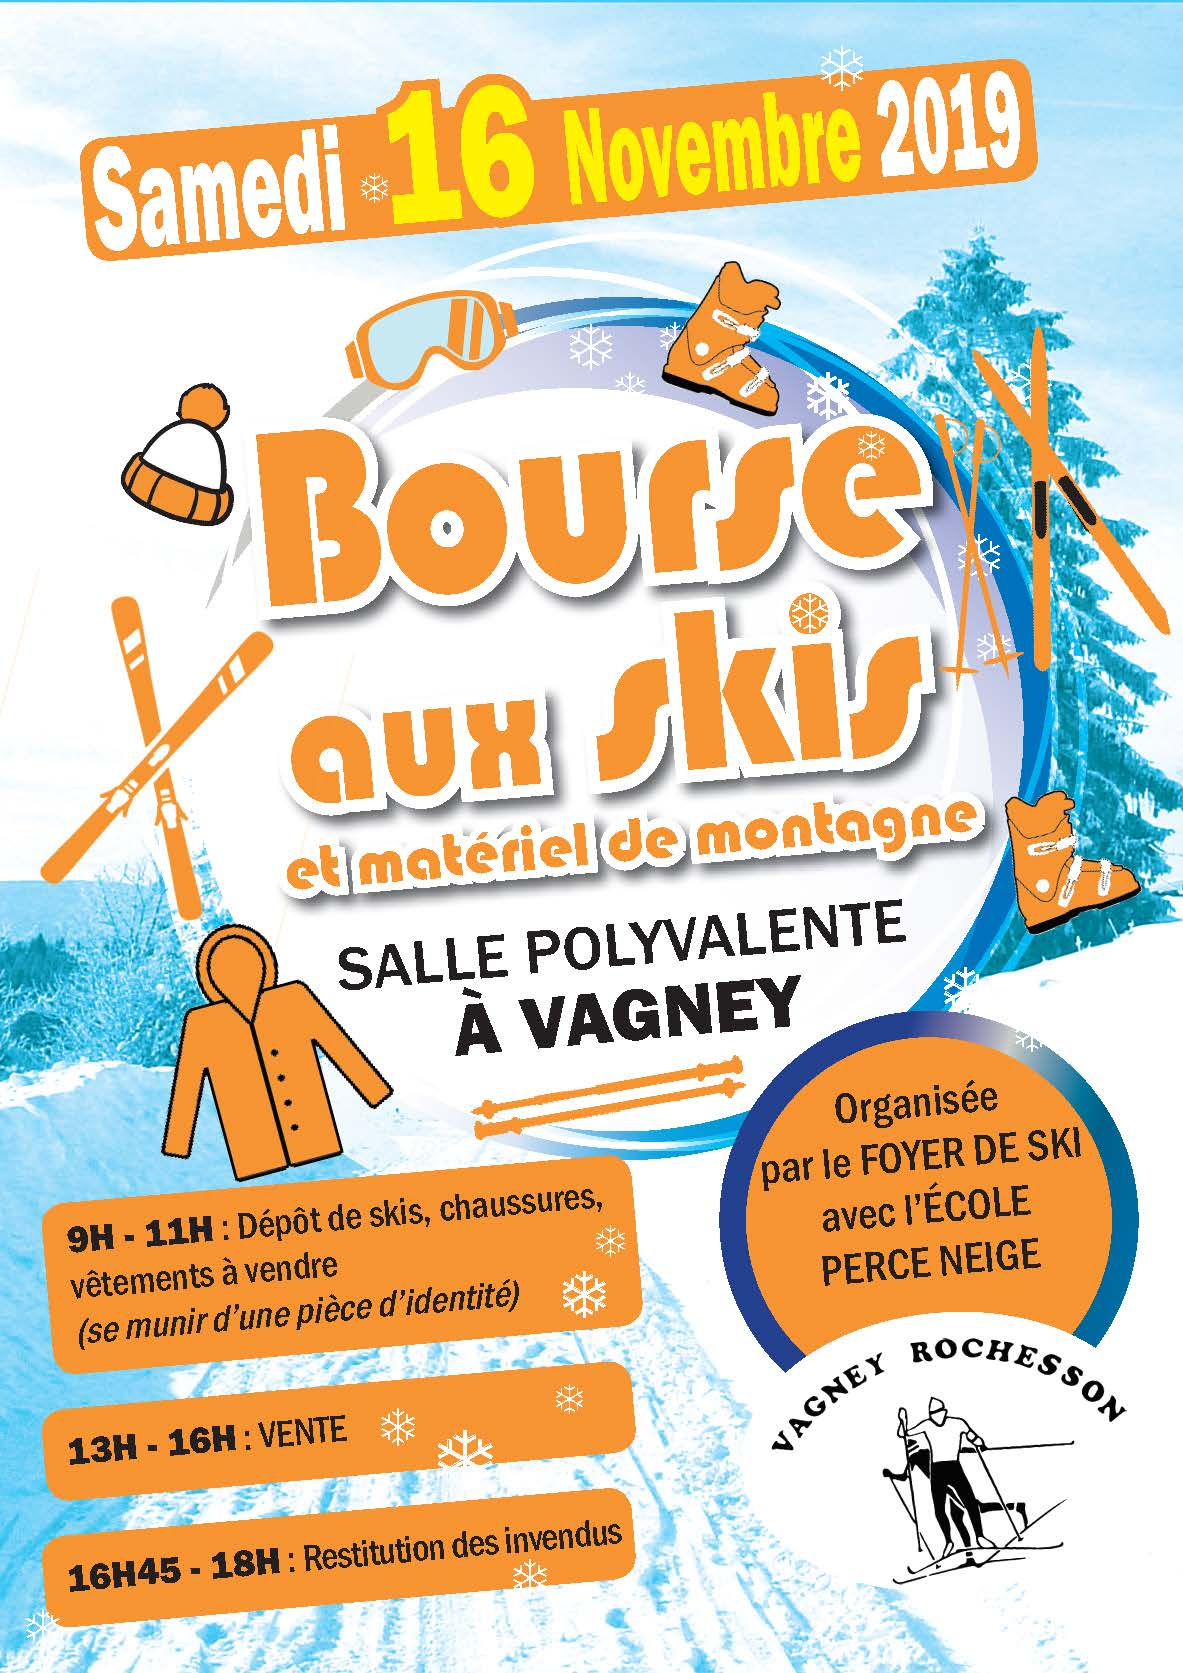 Calendrier Marche Populaire Vosges 2019.Prochainement Commune De Vagney